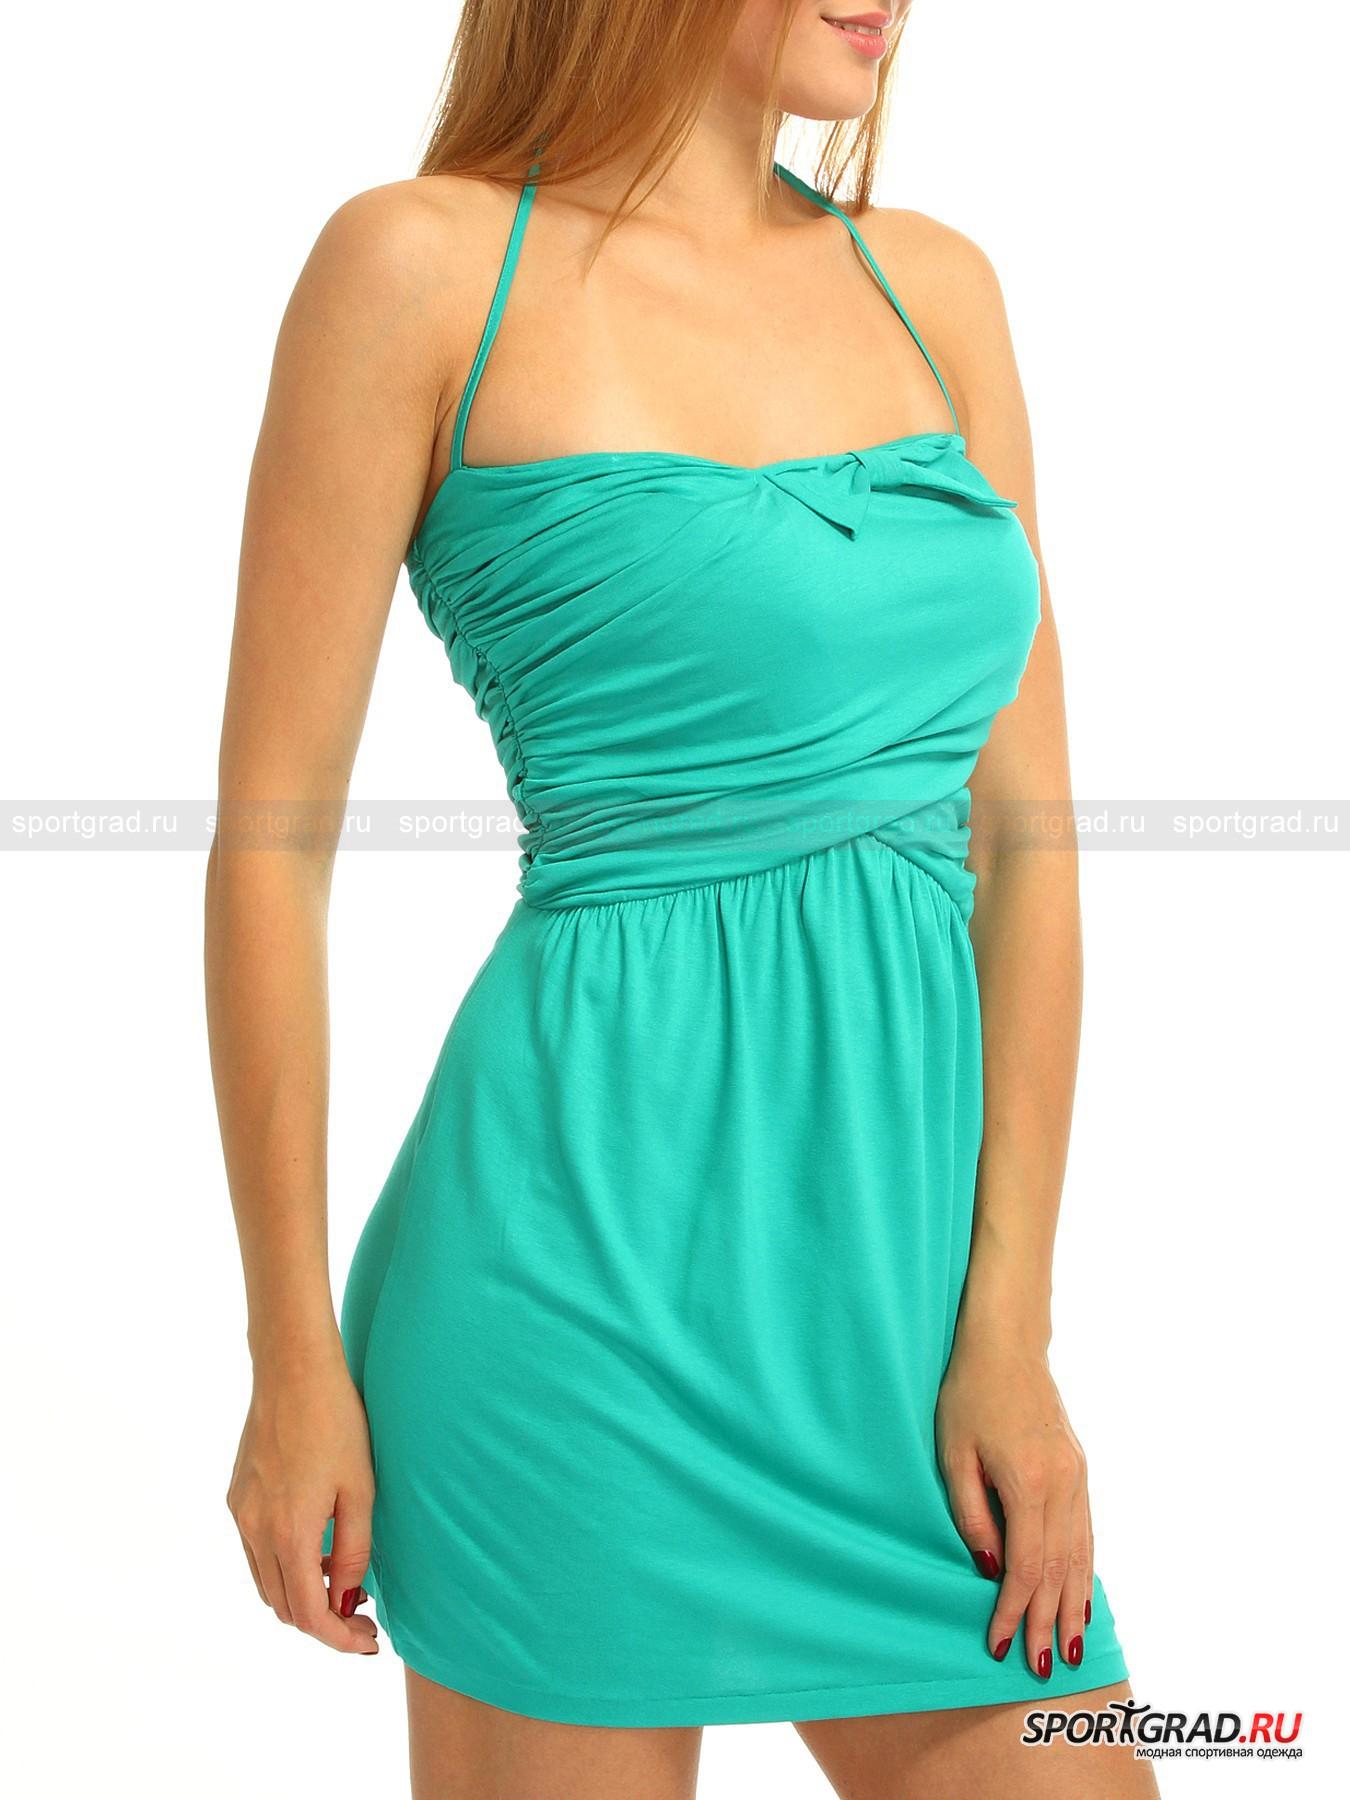 Платье женское EMPORIO ARMANI от Спортград